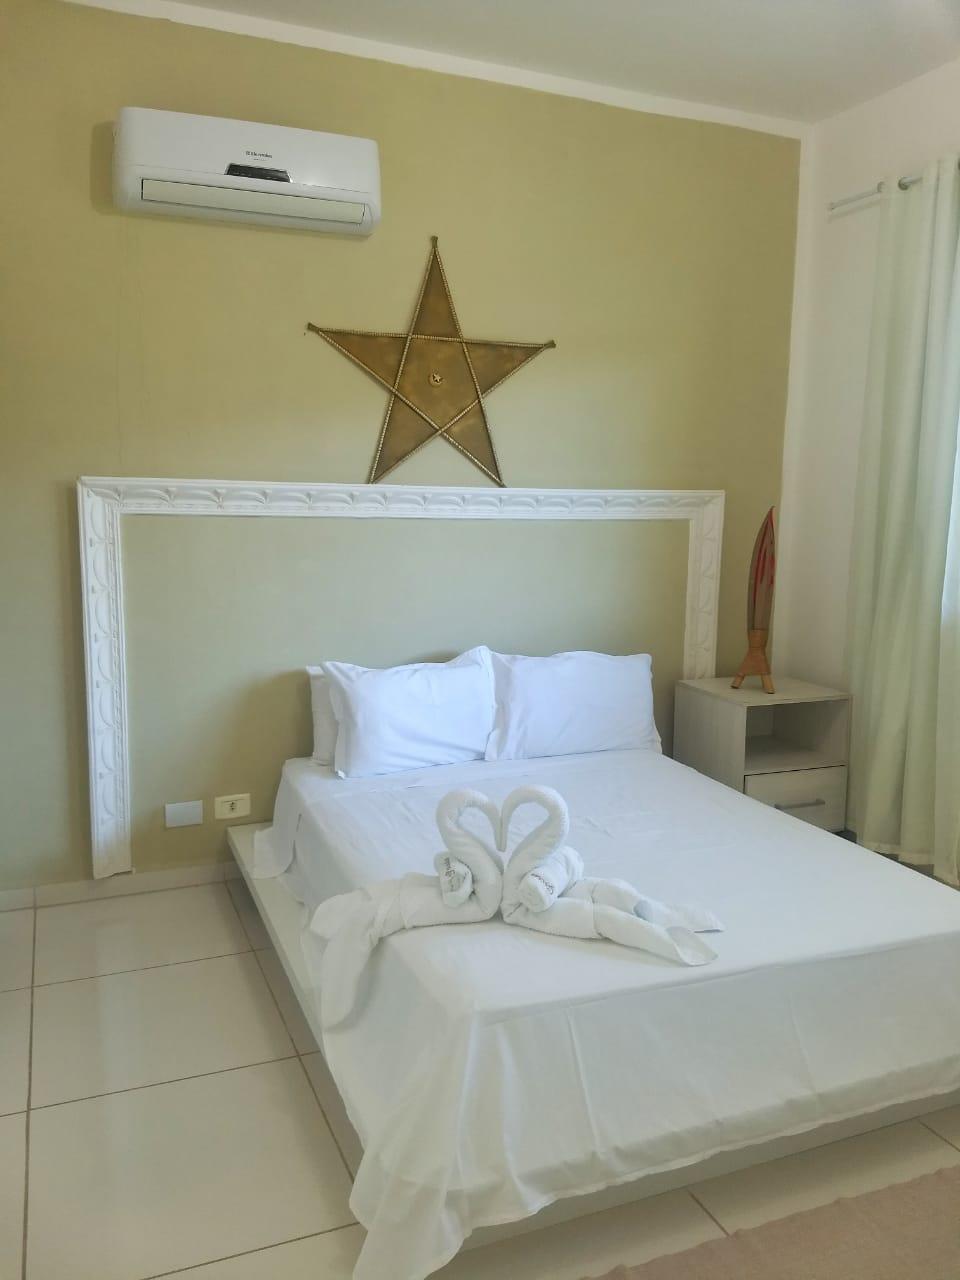 1 diária (domingo a sexta) em Apartamento de 2 quartos para até 5 pessoas de R$495 por apenas R$299